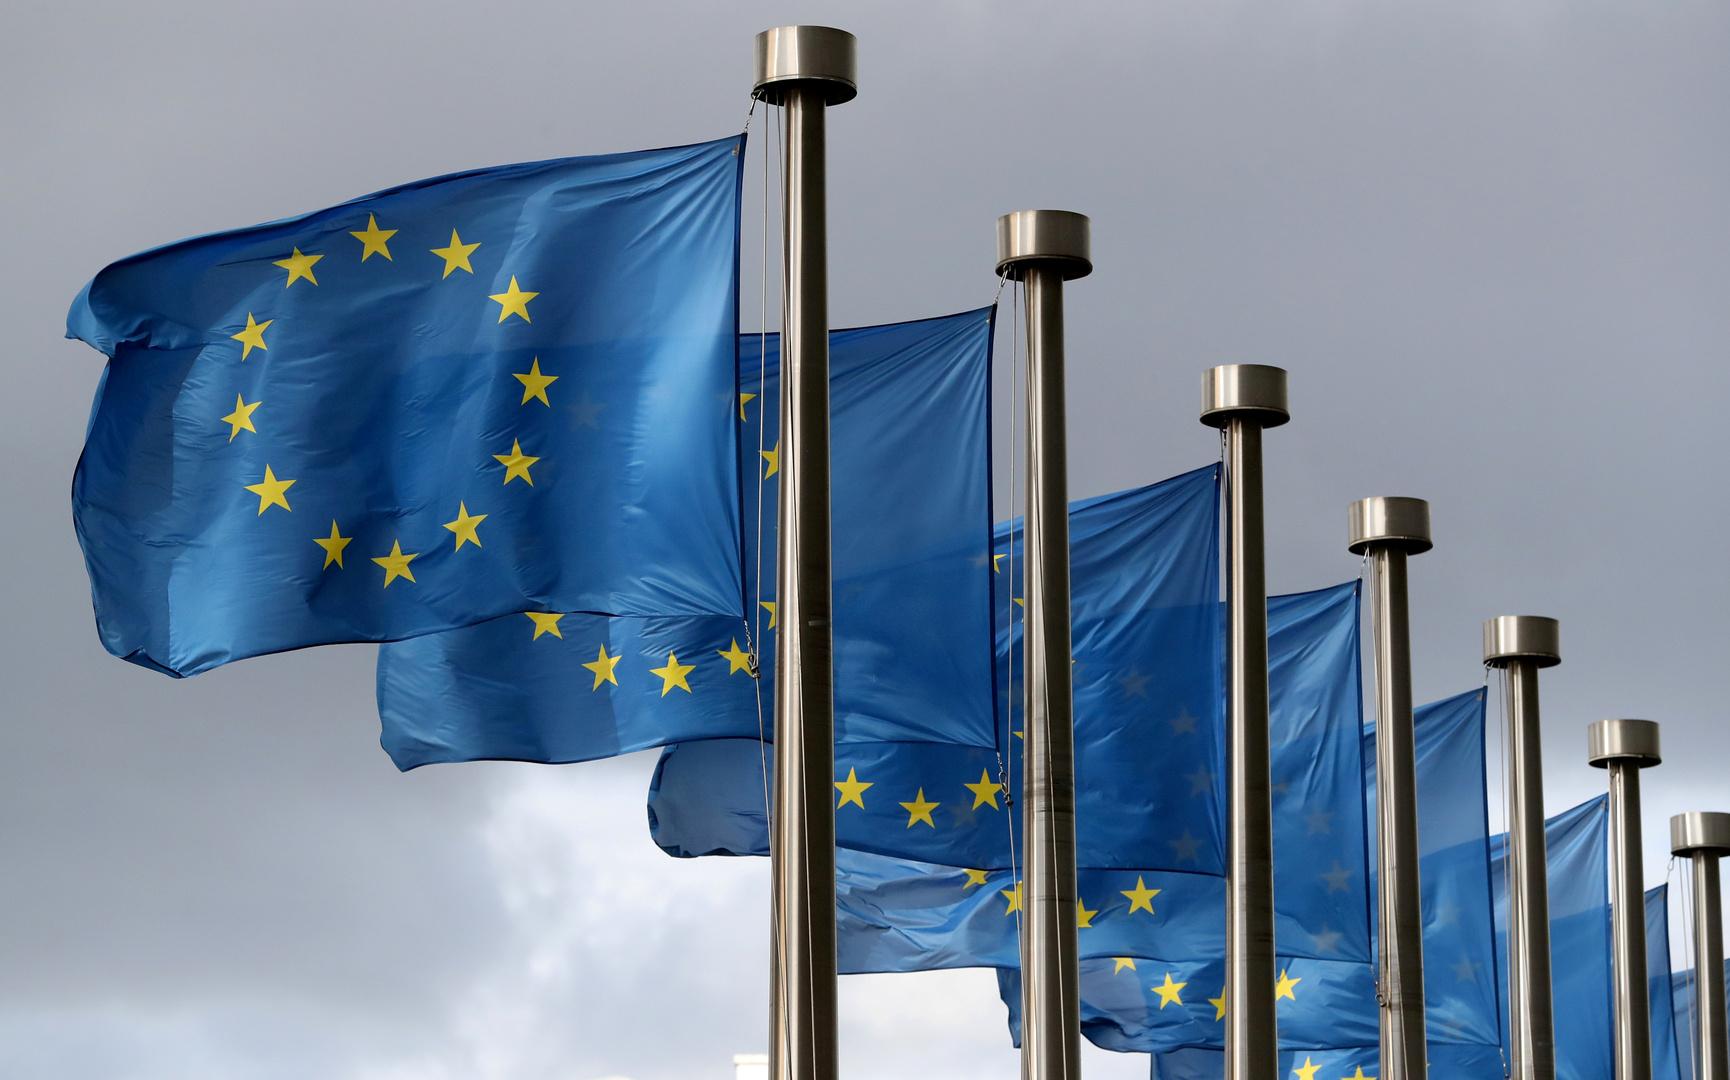 الاتحاد الأوروبي يعتزم إعداد مقترحات لمساعدة اللاجئين السوريين